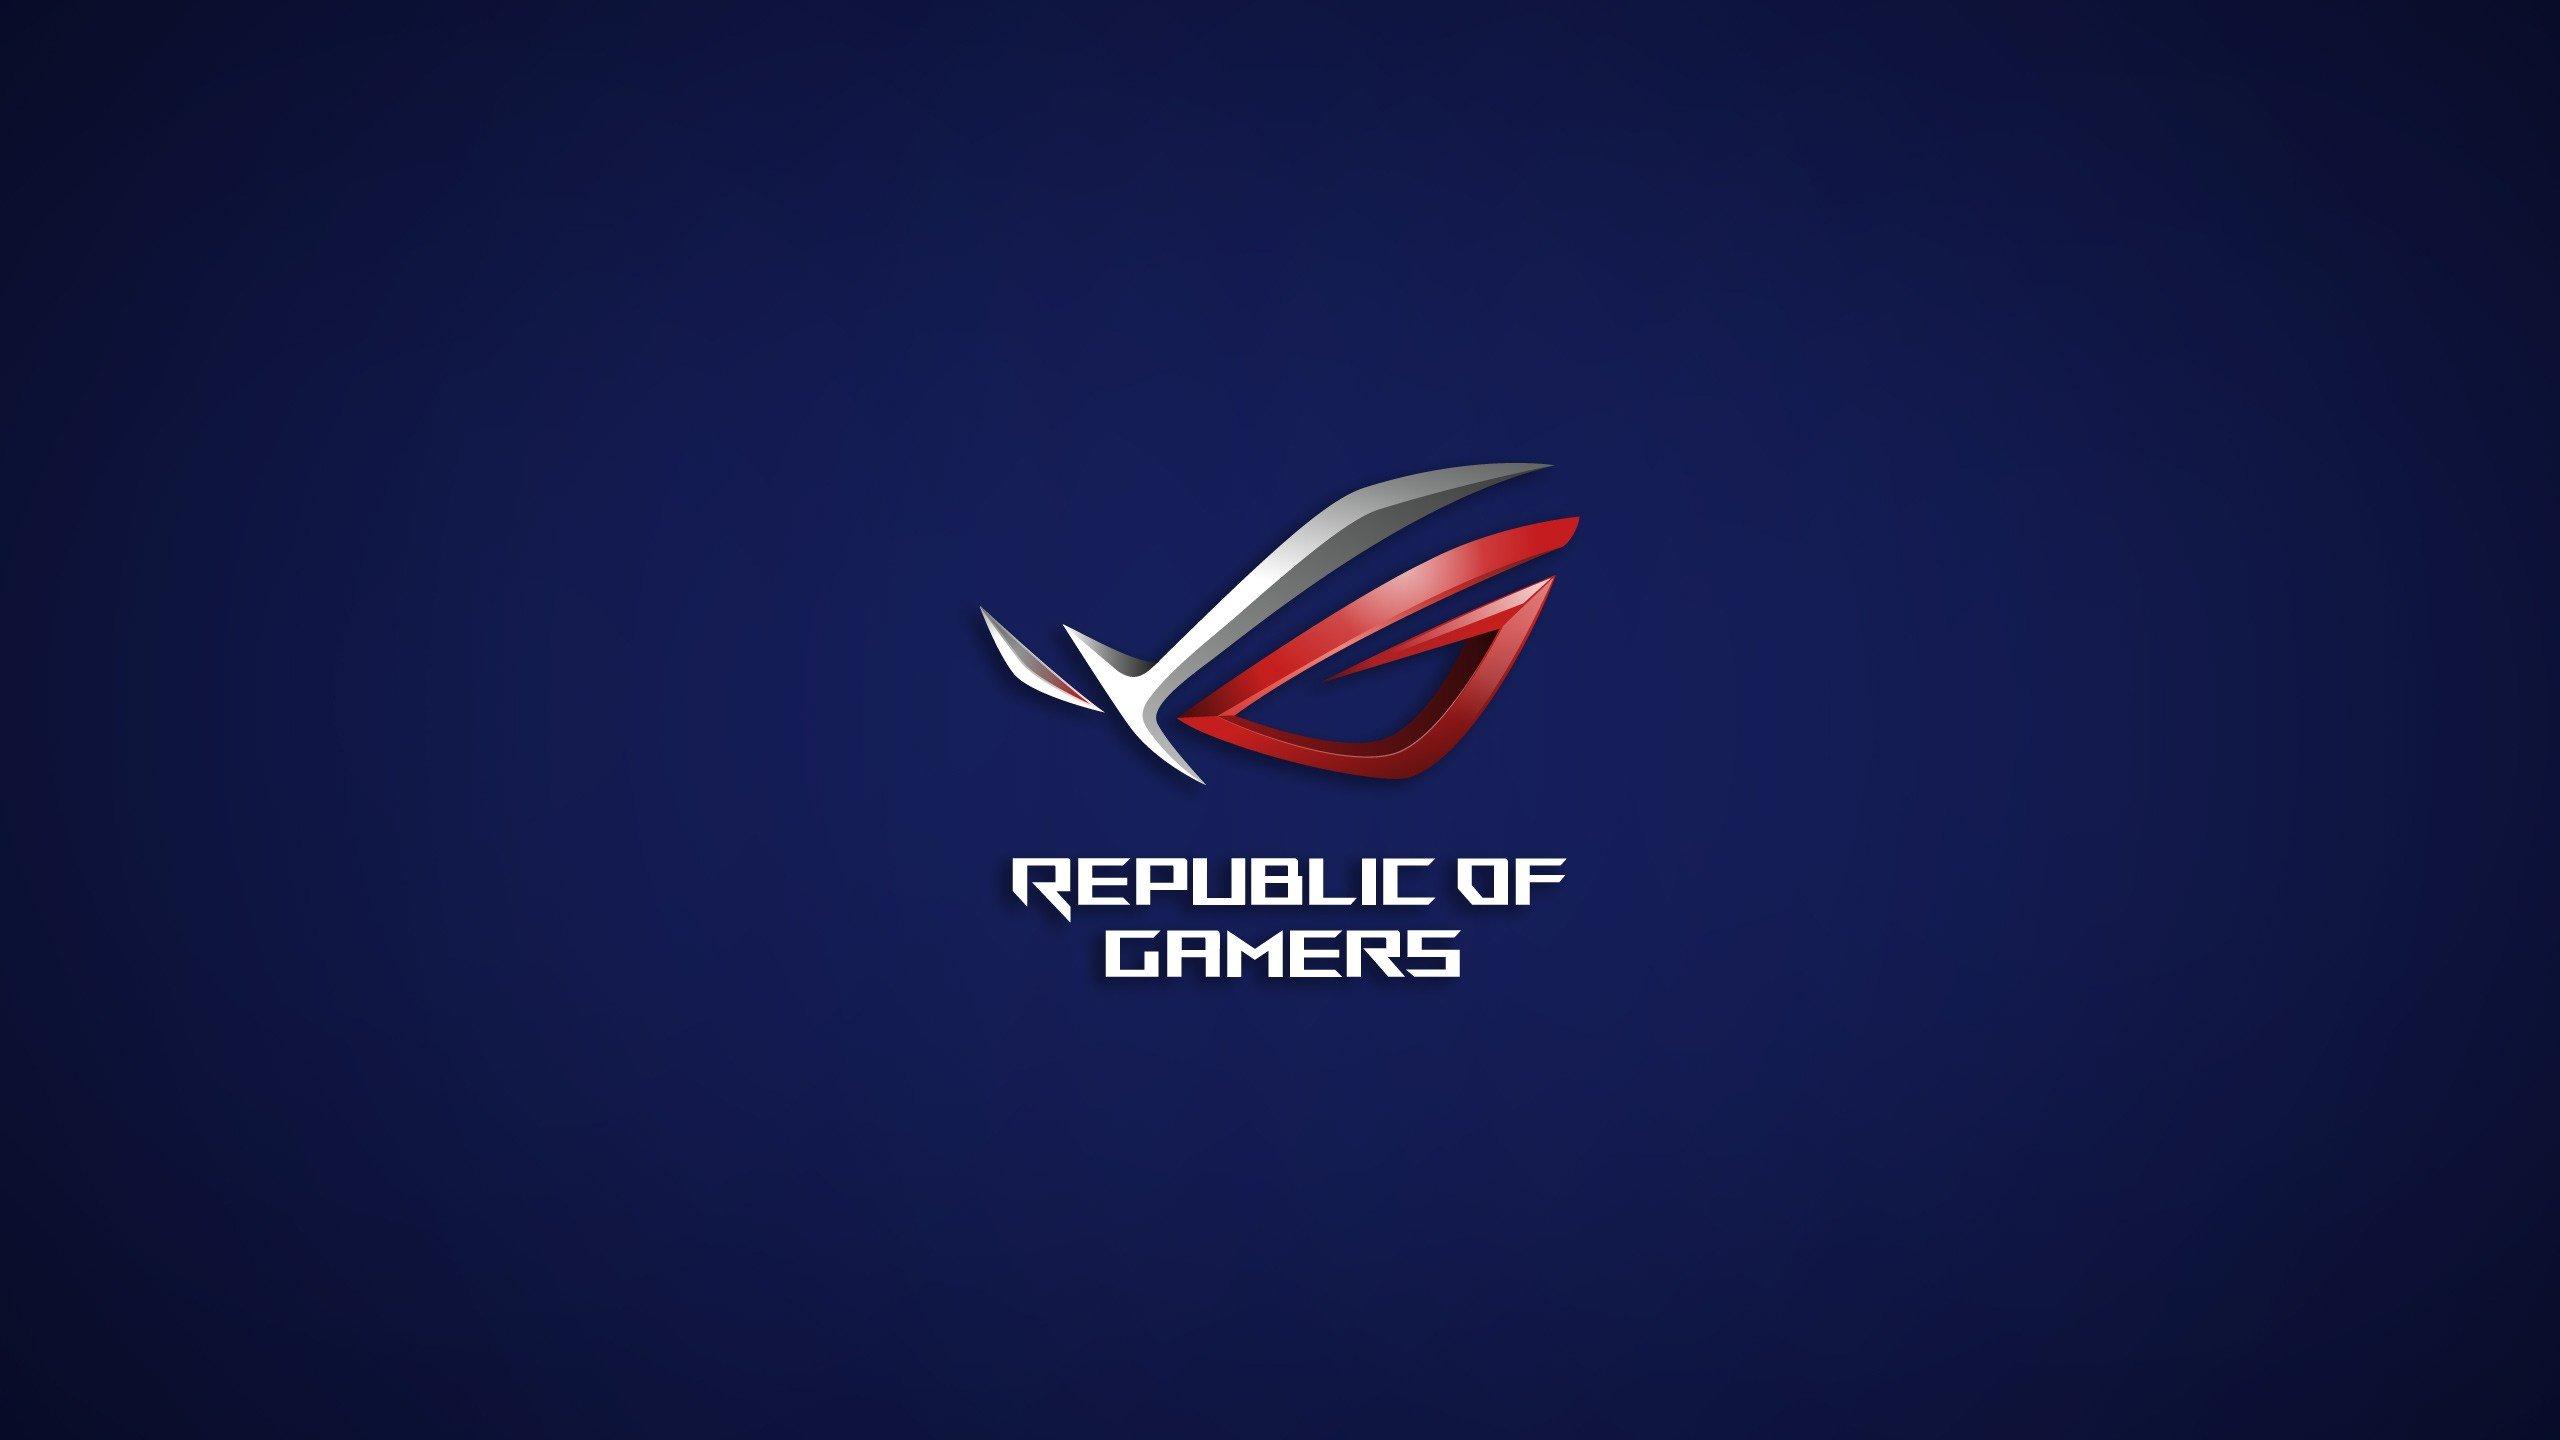 Republic Of Gamers, Logo, ASUS HD Wallpapers / Desktop And